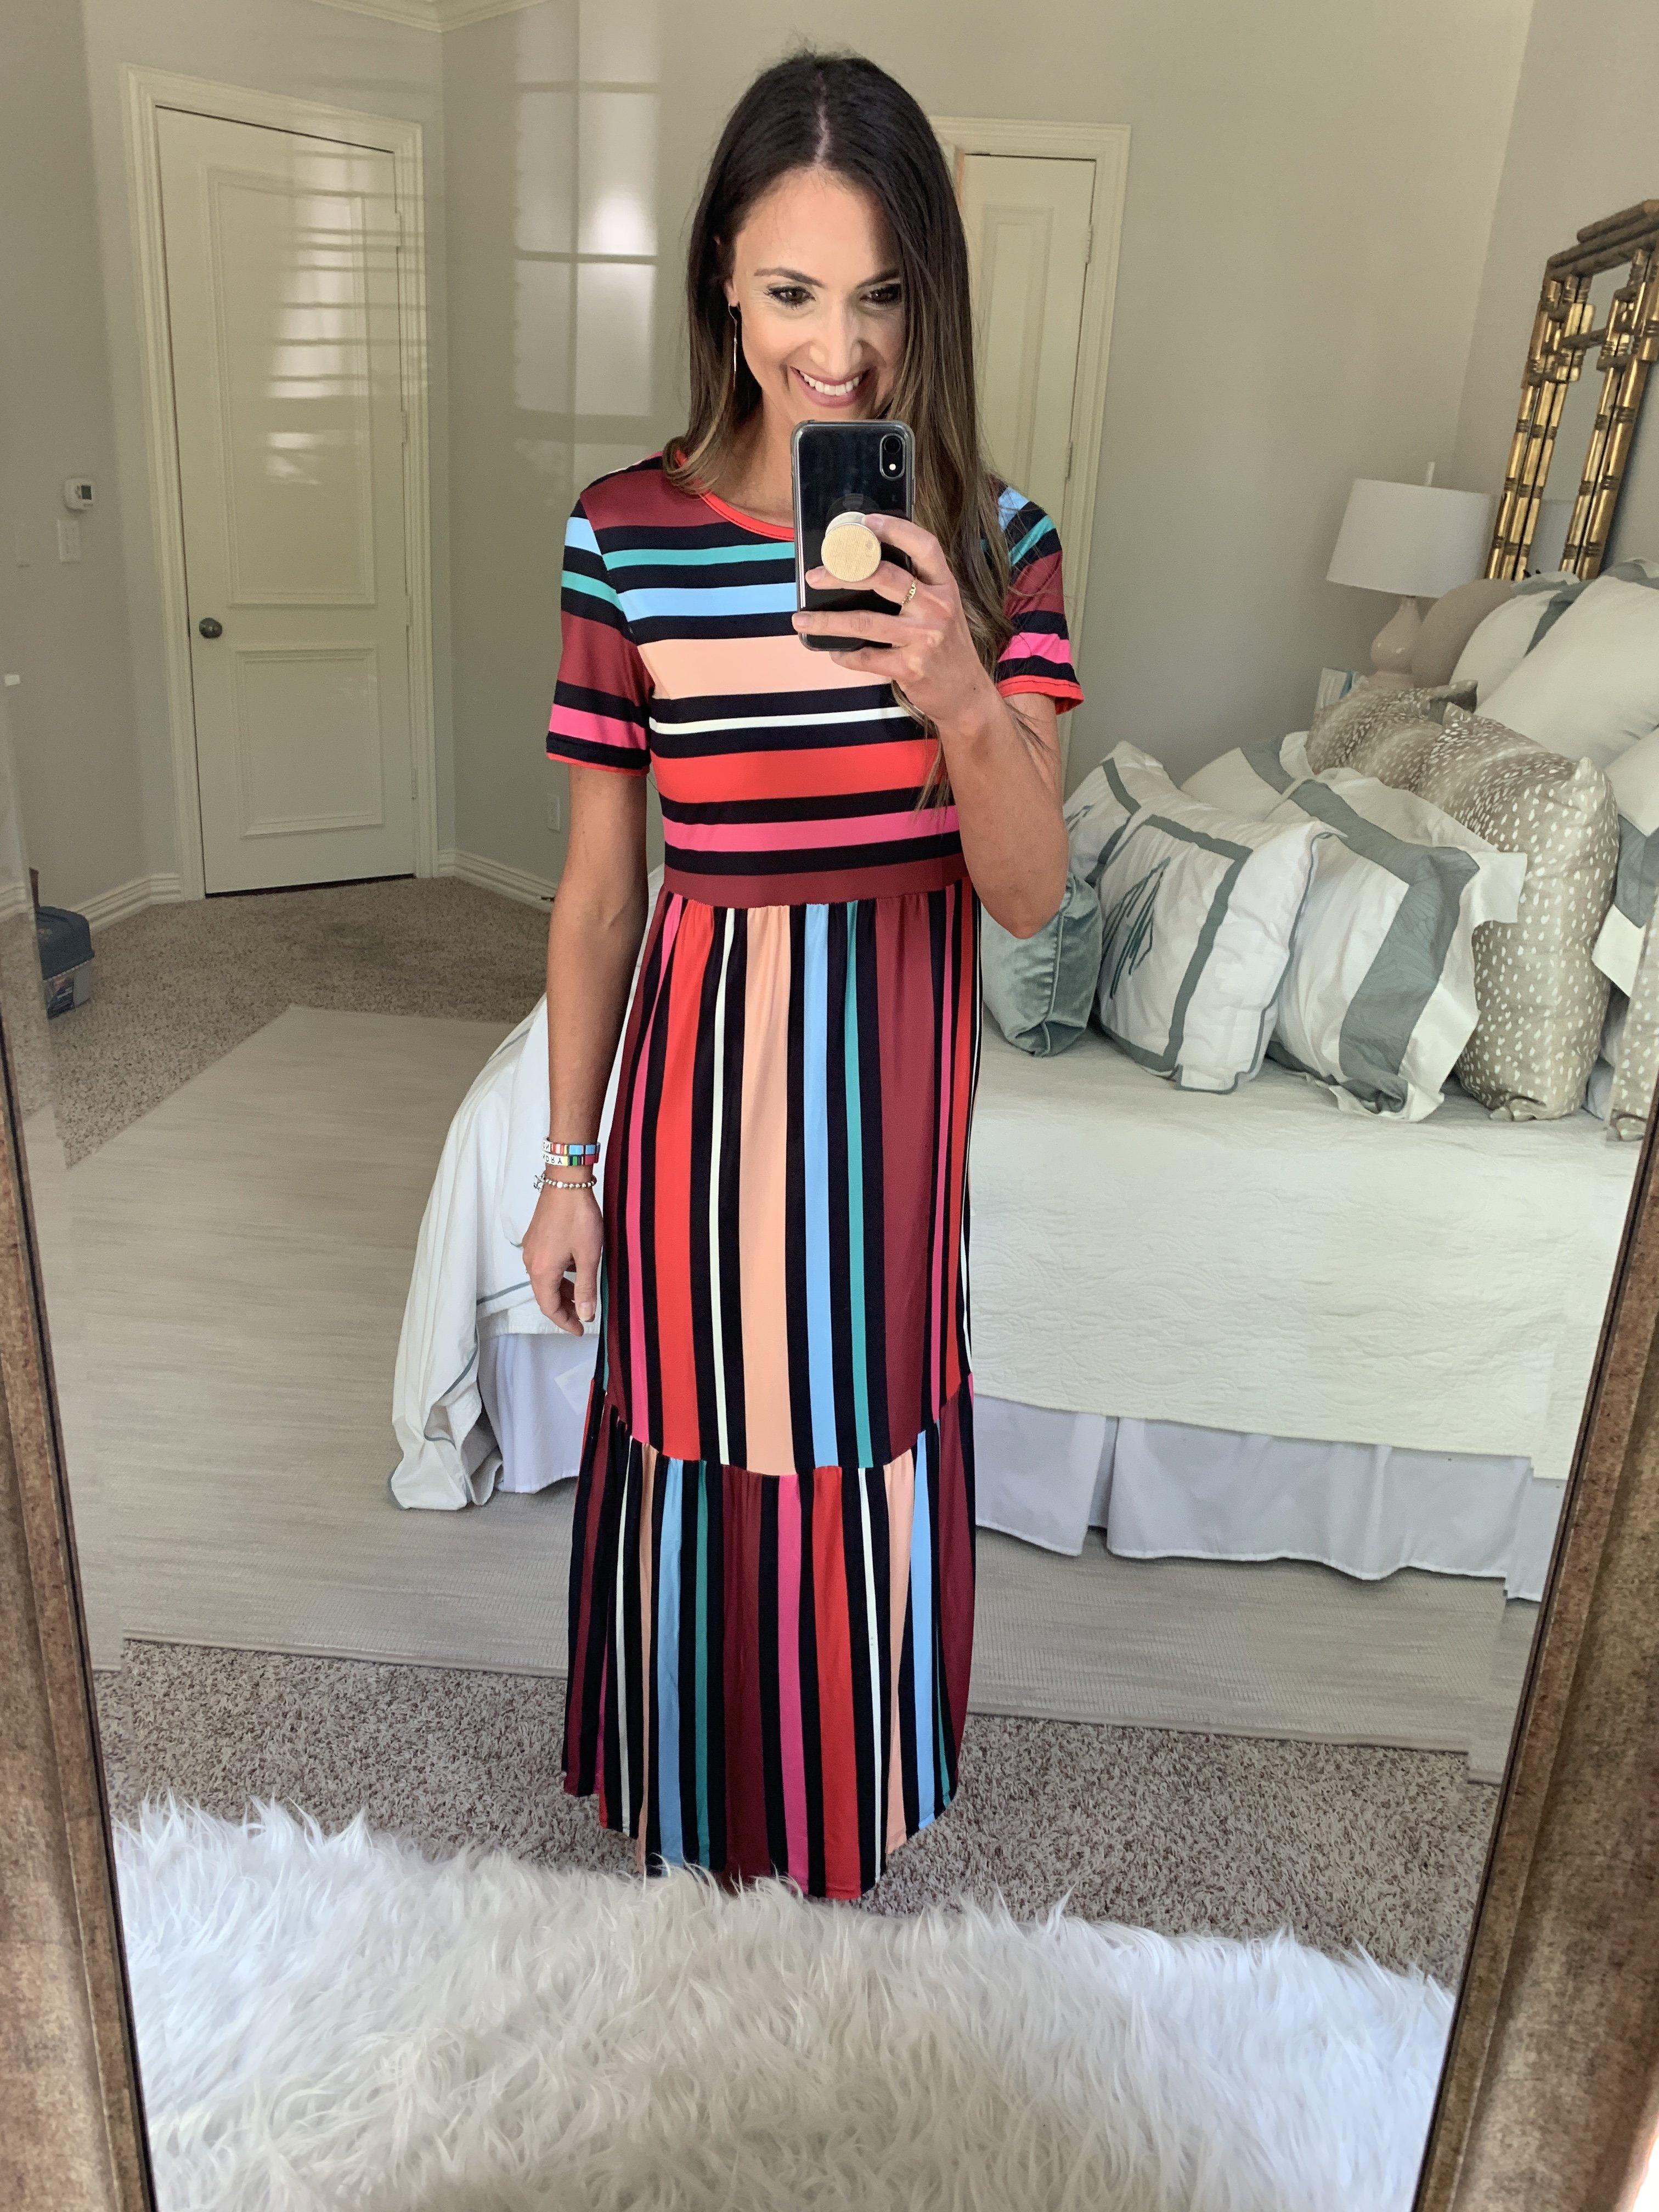 Stripe midi dress from amazon | Amazon Fashion Haul | Style Your Senses